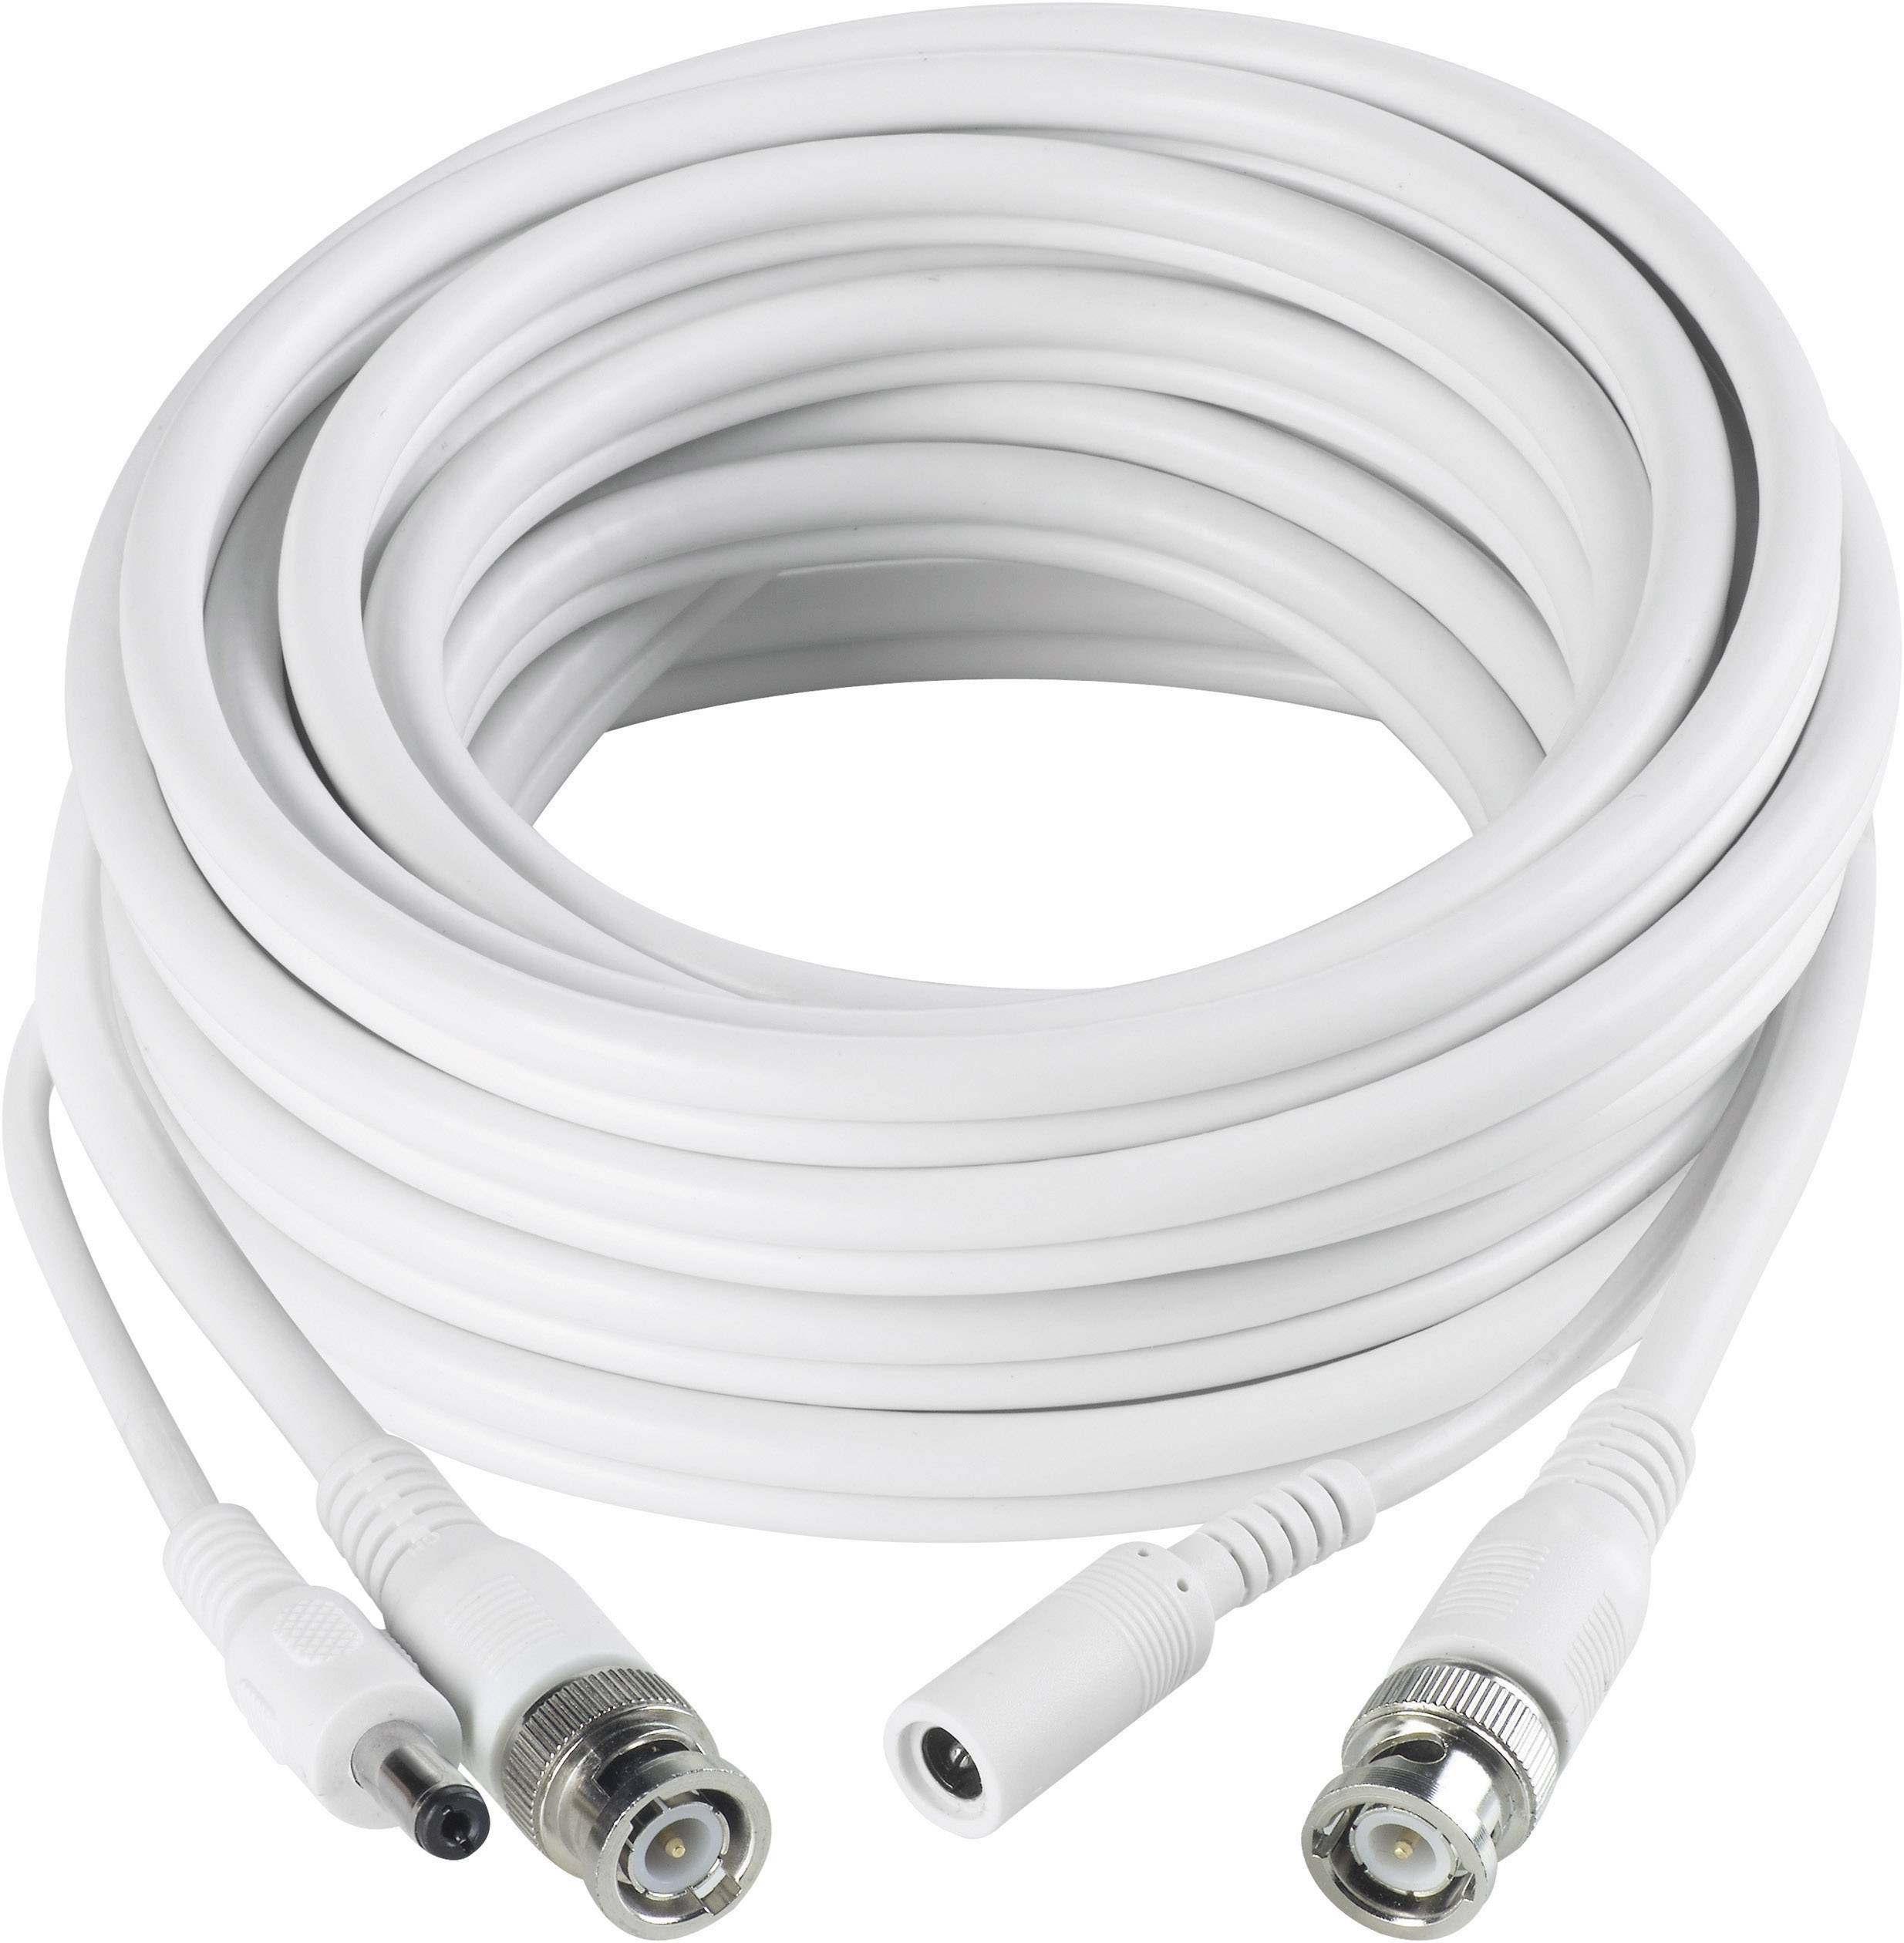 Video predlžovací kábel Sygonix, 1x BNC, 1x DC IN ⇔ 1x BNC, 1x DC OUT, 5 m, biely